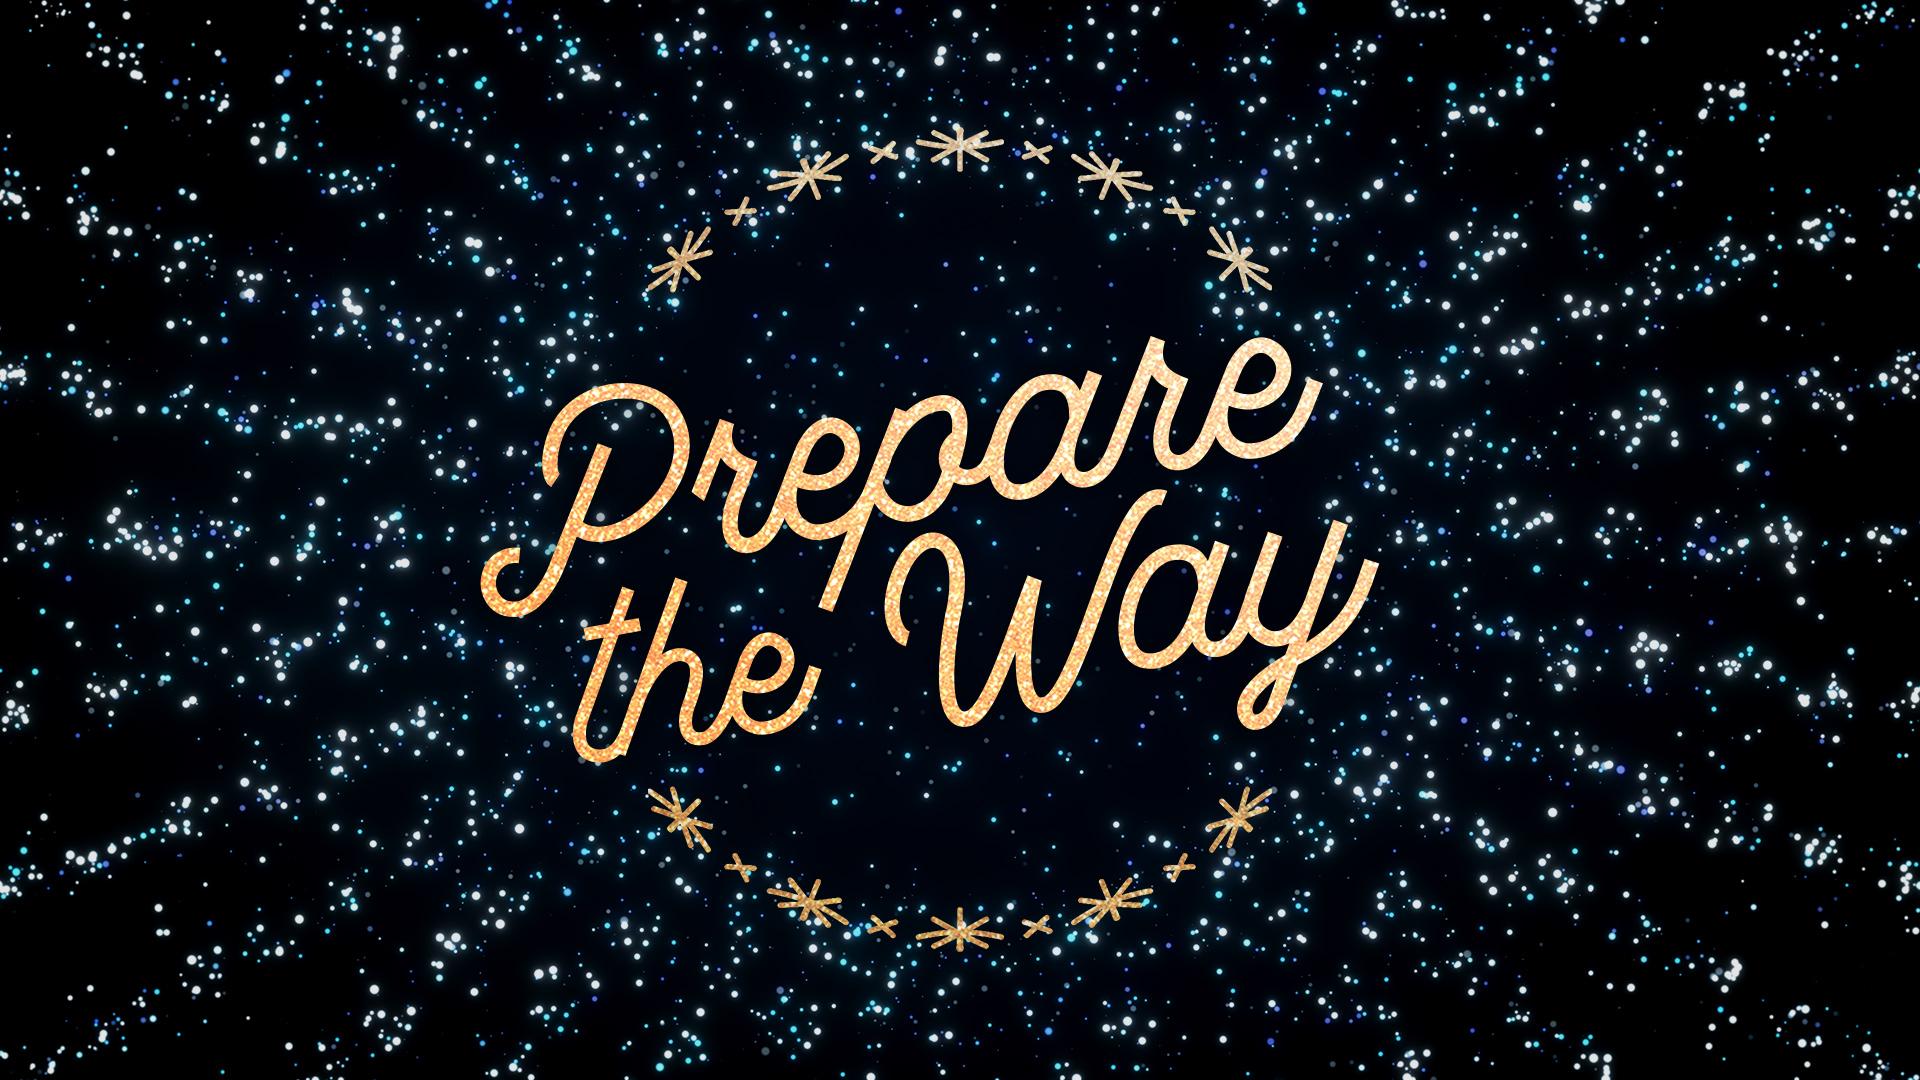 Prepare the Way (2017)